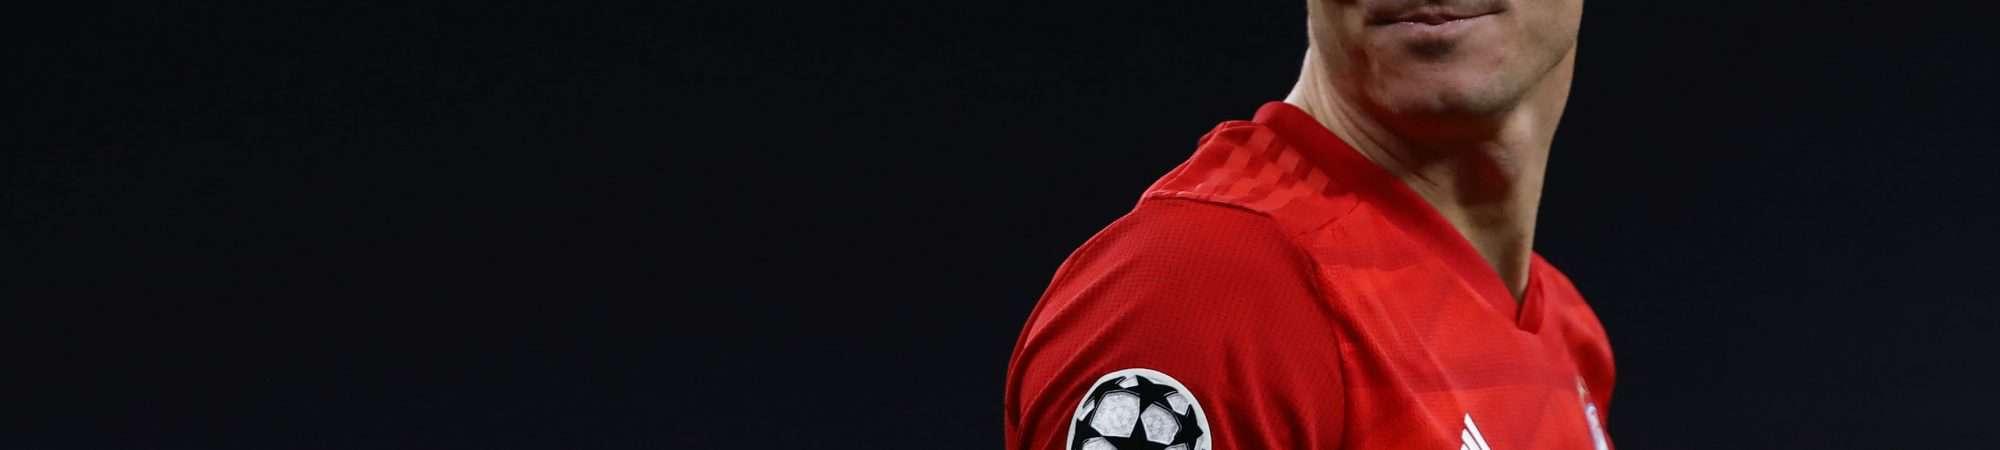 Prime Video anuncia documentário sobre o jogador de futebol Robert Lewandowski. Imagem: Ververidis Vasilis / Shutterstock